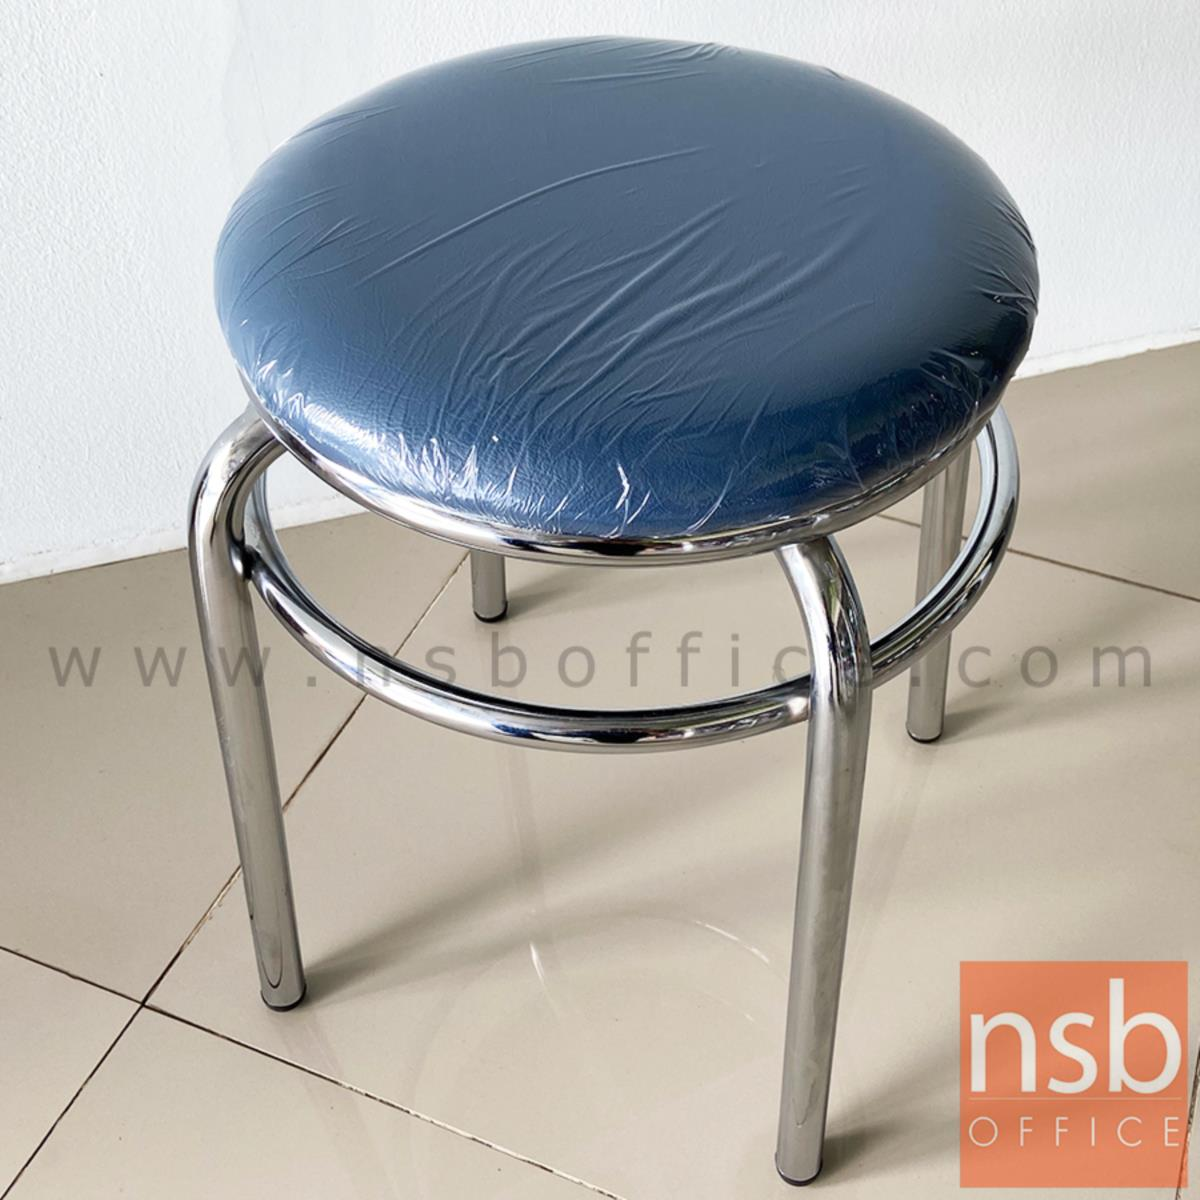 เก้าอี้สตูลกลมใหญ่ ที่นั่งเบาะหนังเทียม twin ring ขาเหล็ก